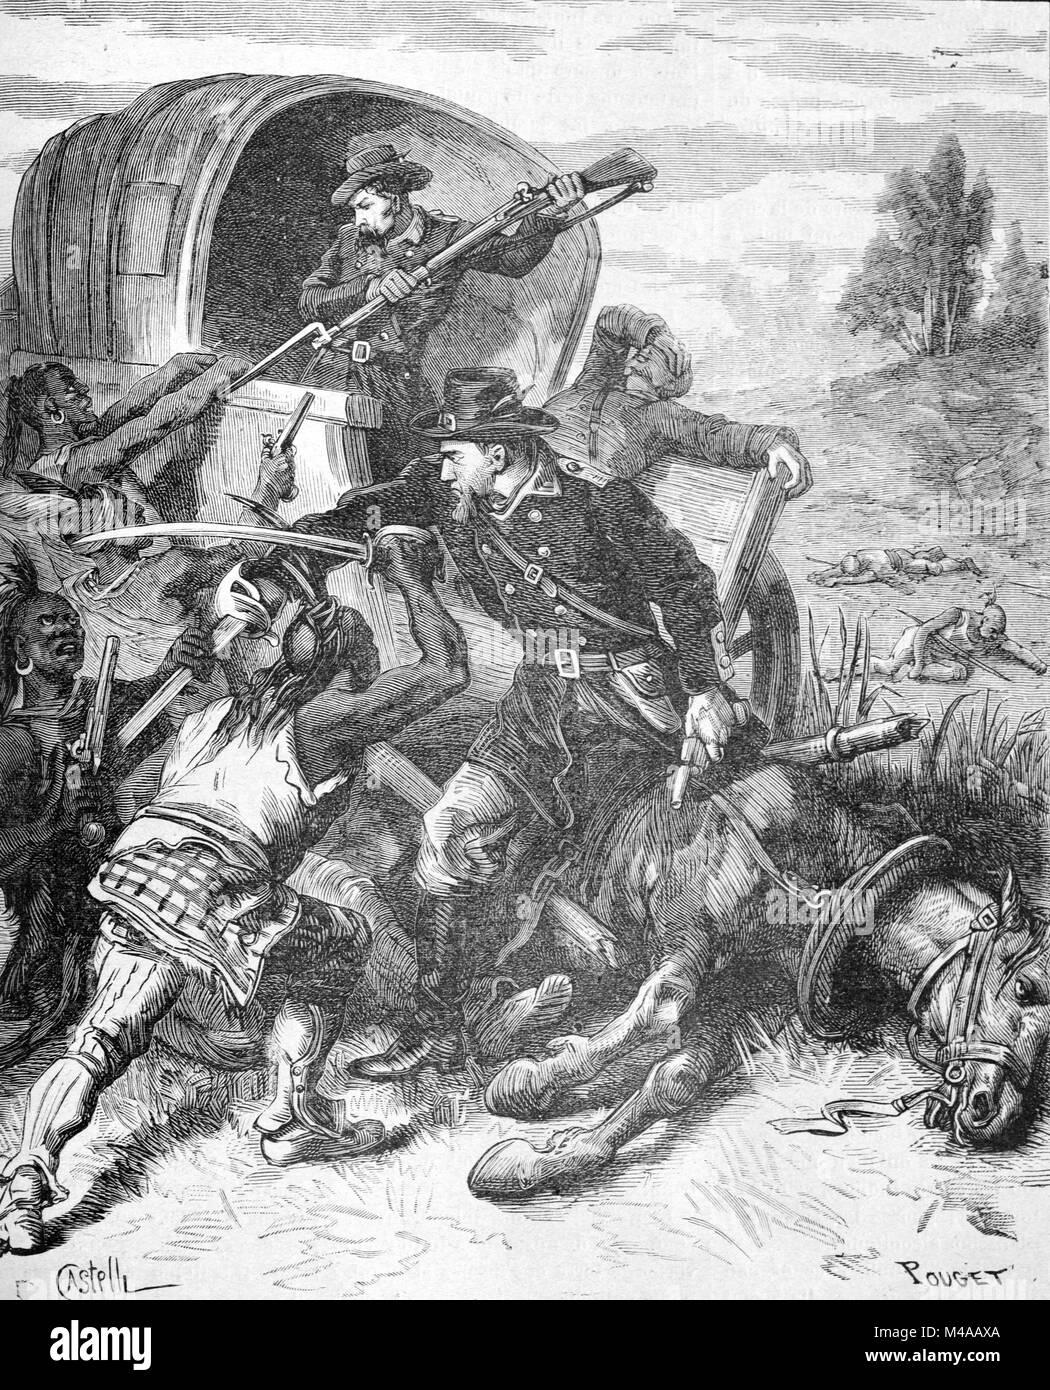 American Indian Wars oder Wild West Konflikt zwischen Native Americans (Indianer) und Weißen Siedler oder Kolonialisten Stockbild